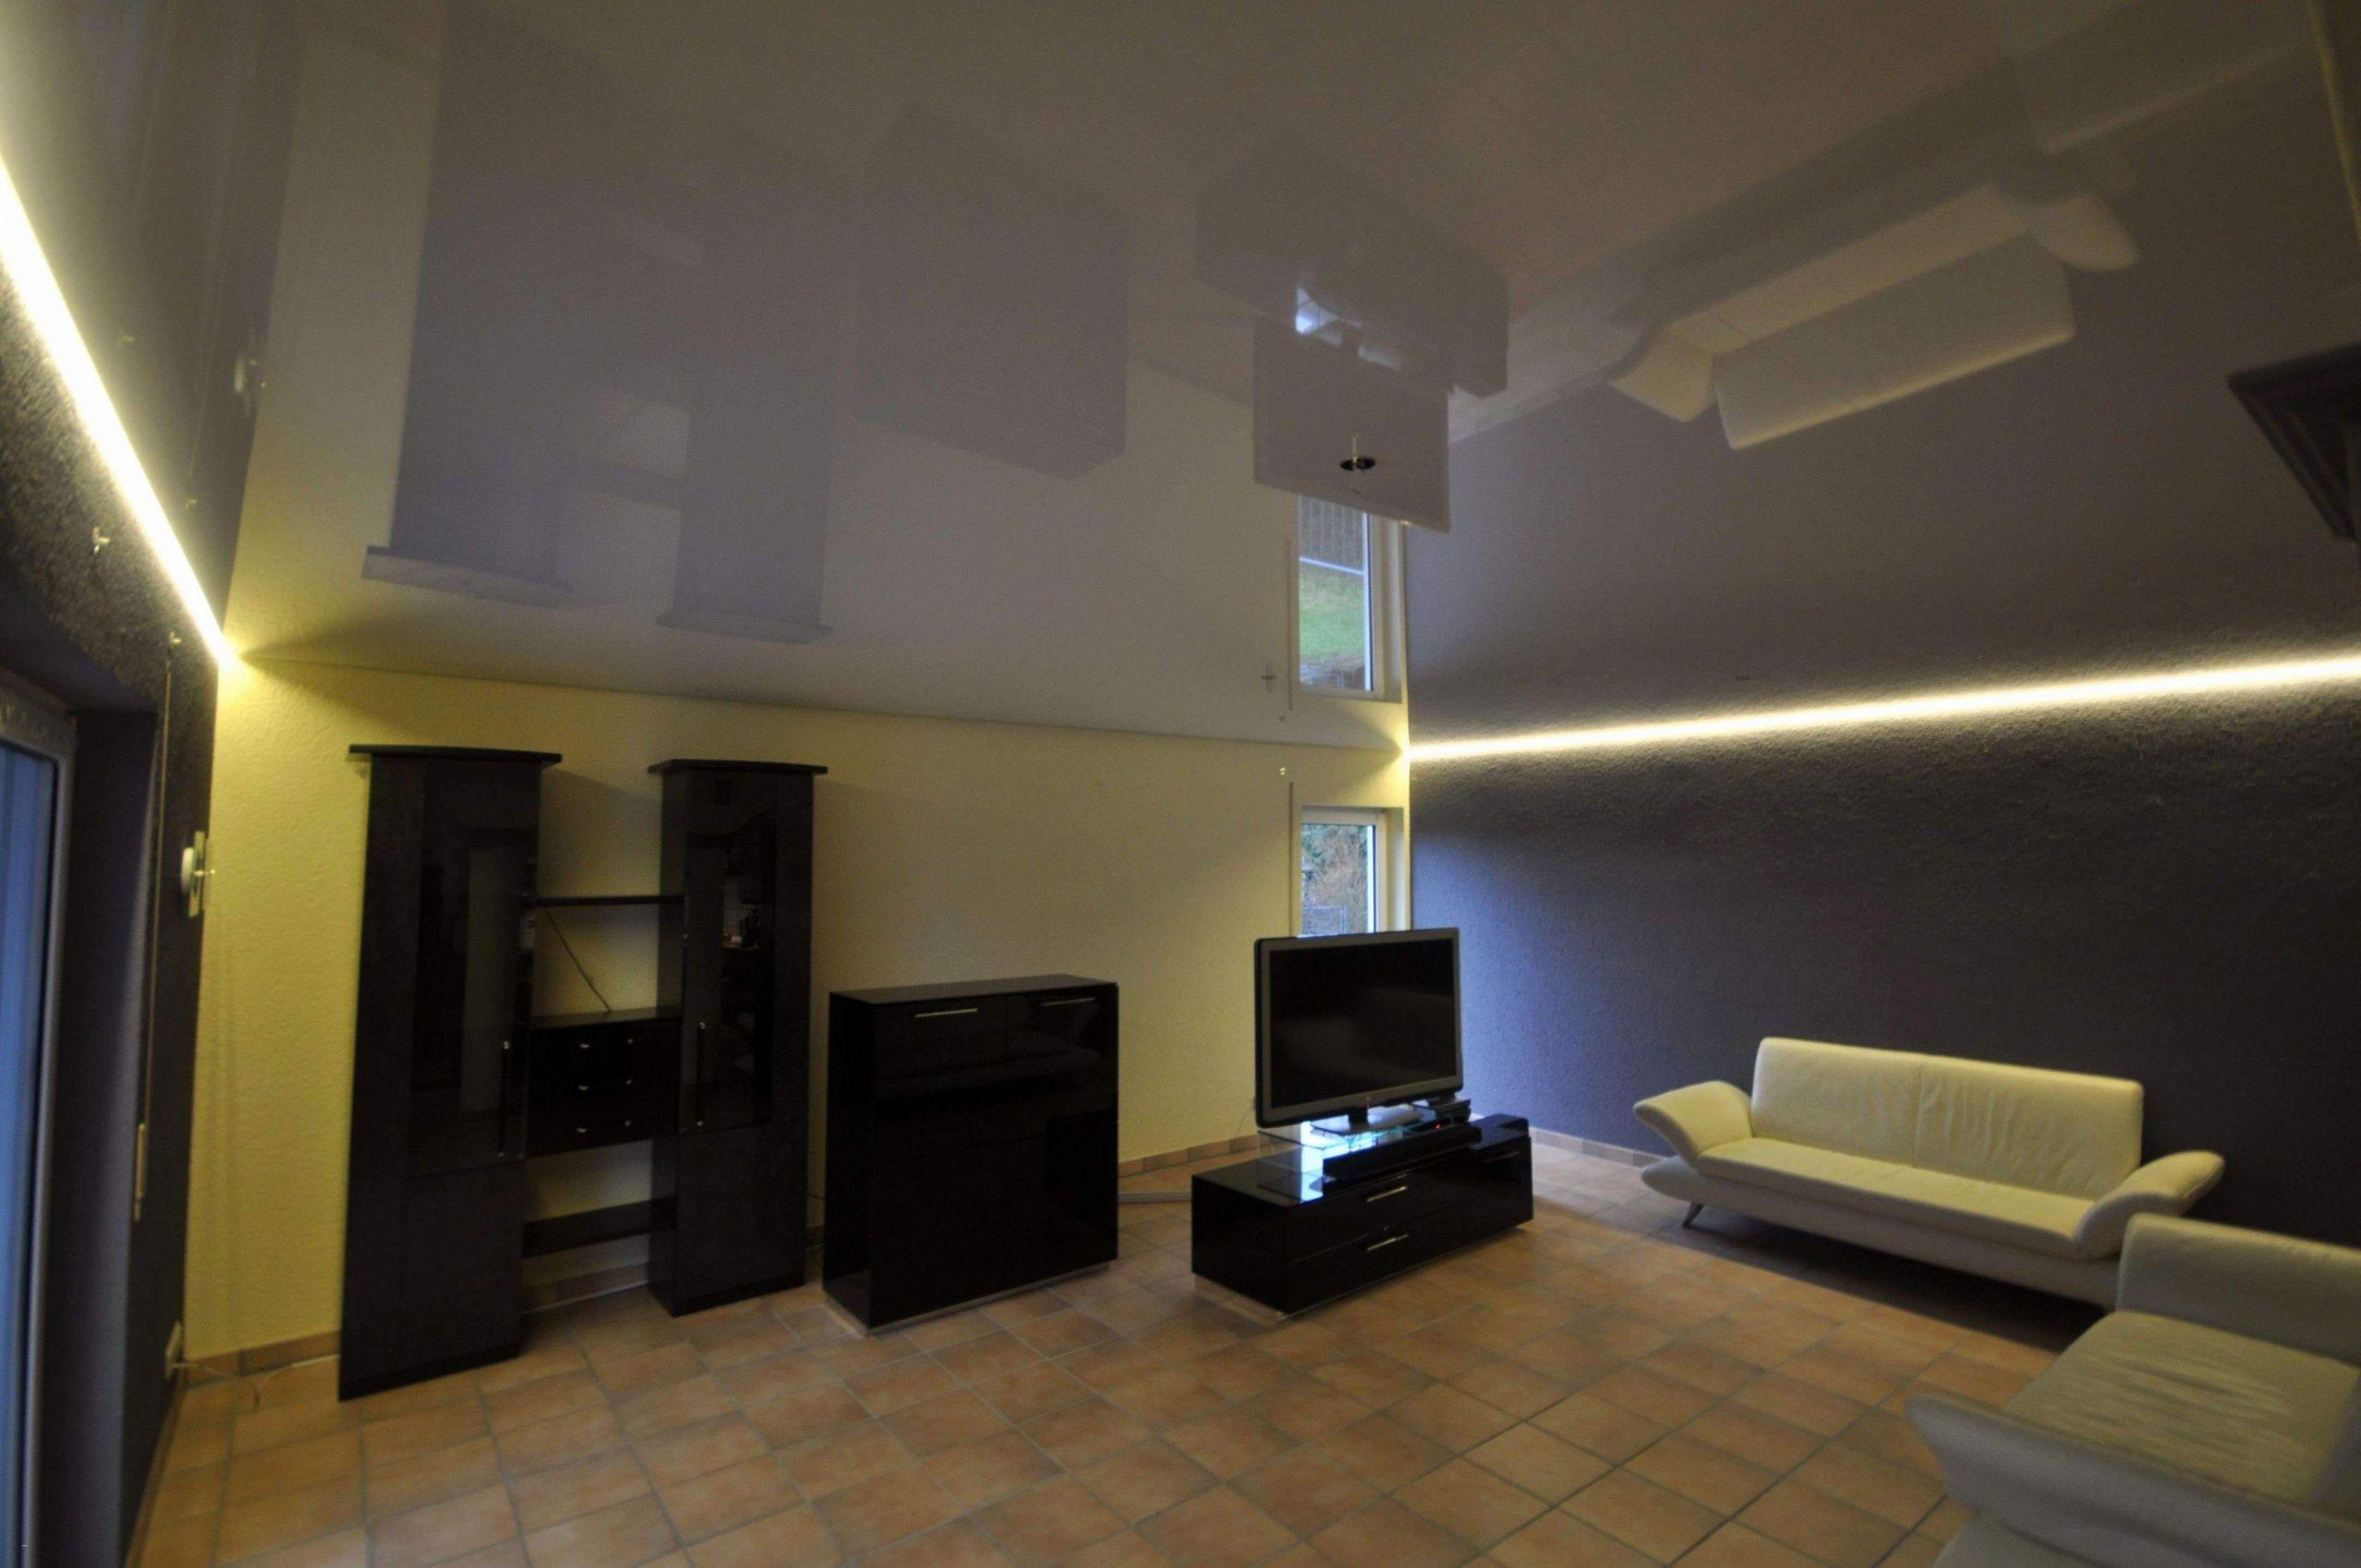 deko ideen wohnzimmer inspirierend kleine wohnzimmer reizend wohnzimmer licht 0d design ideen of deko ideen wohnzimmer scaled